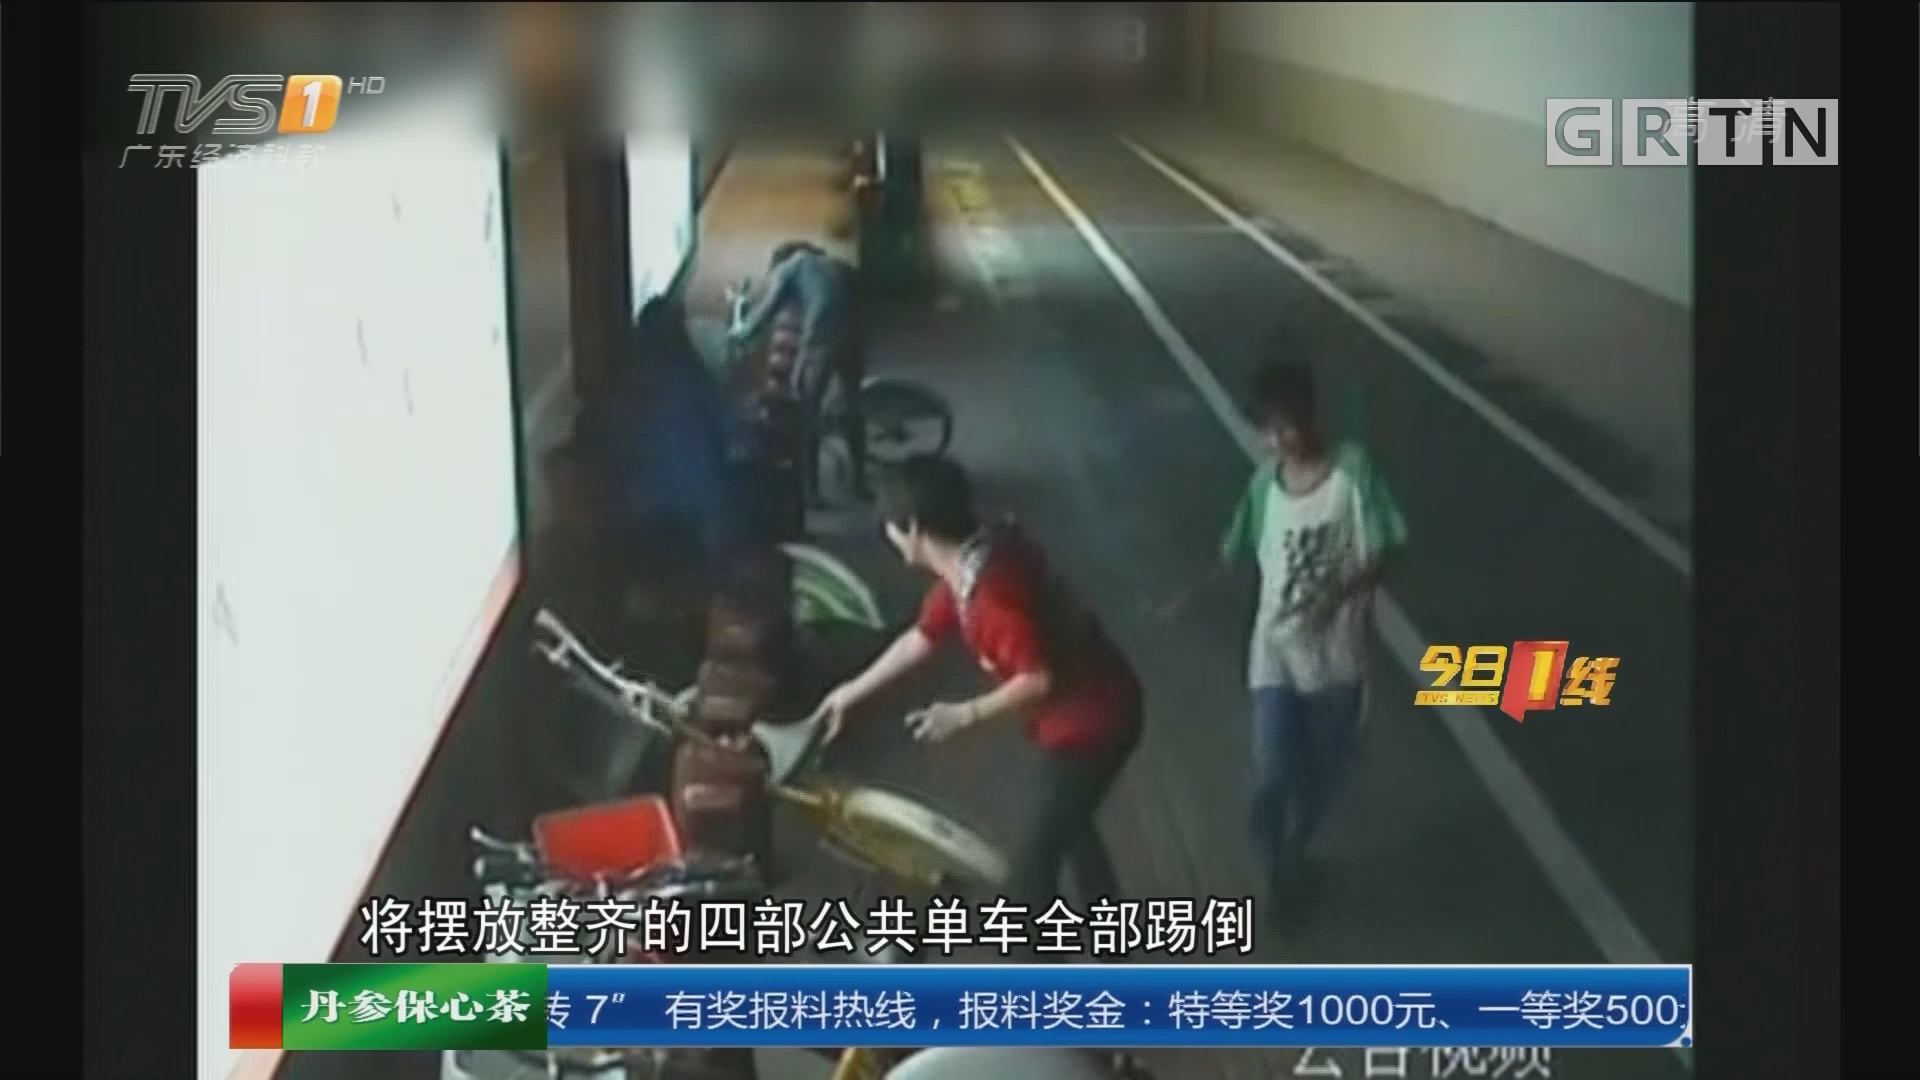 暑假安全系列之公共安全:孩子因贪玩闯祸 监护人也有责任